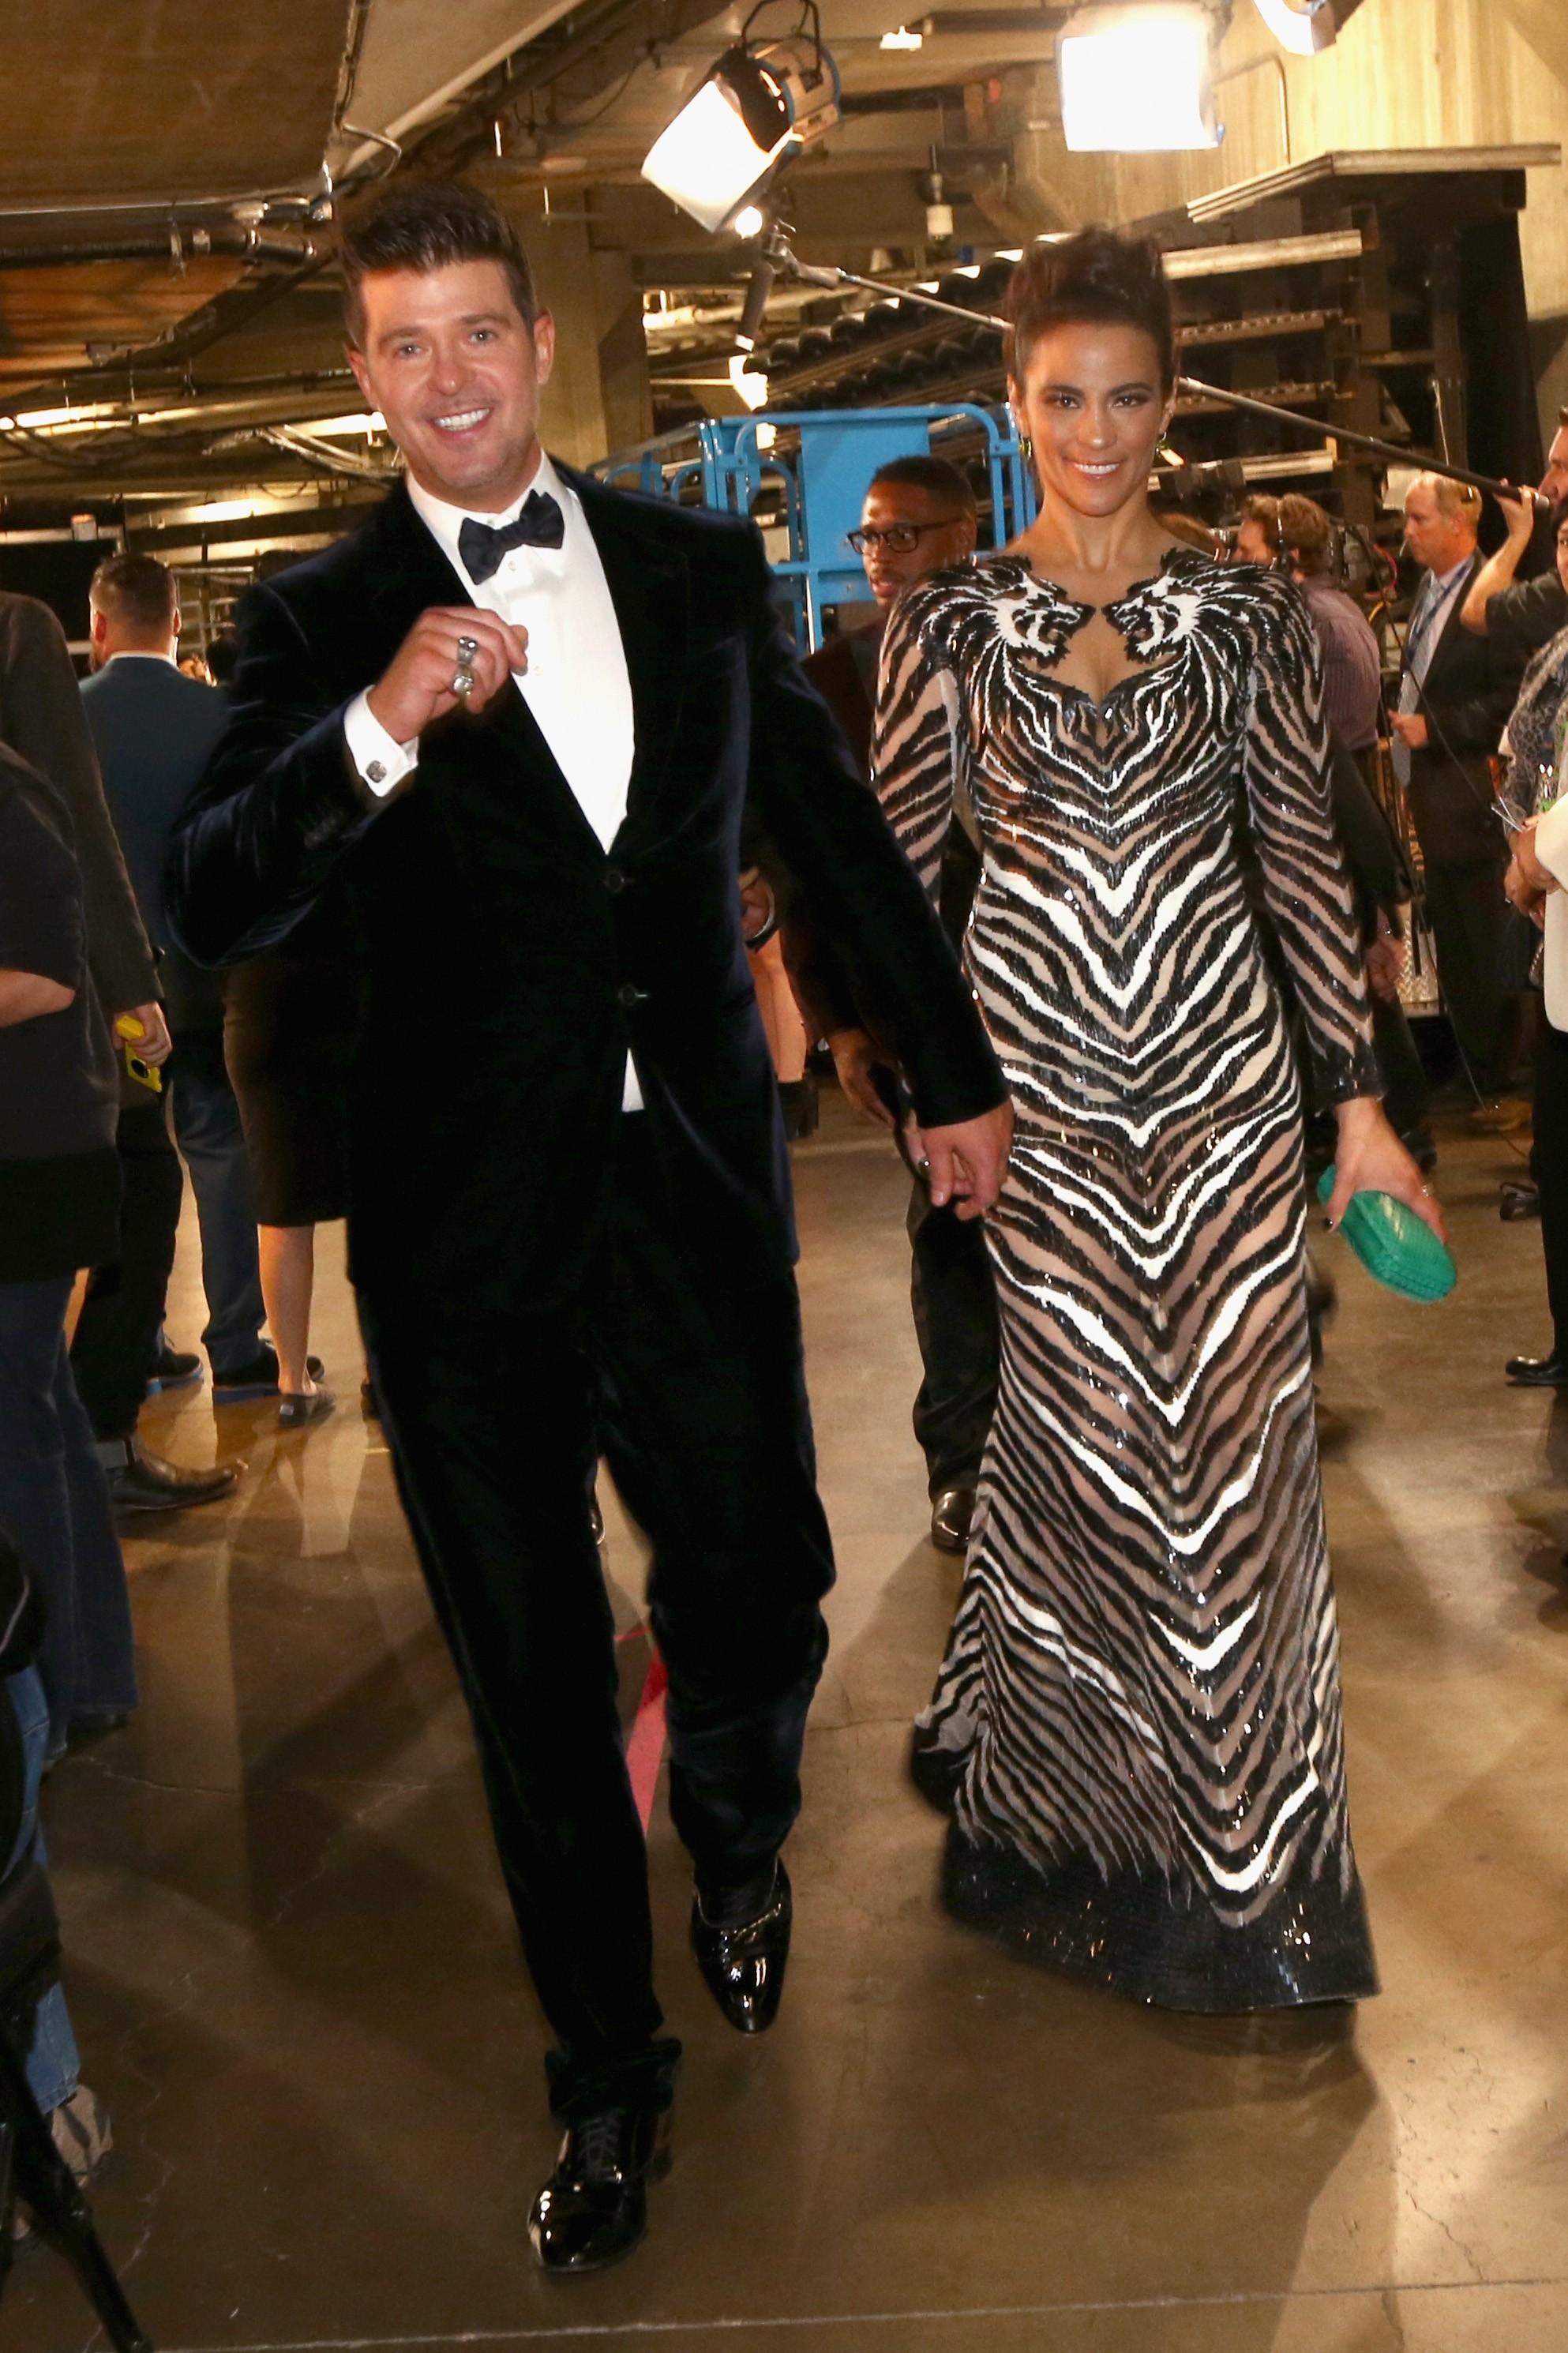 Rumores surgiram depois do VMA 2013 de que Robin havia traído sua esposa Paula com a socialite britânica Lana Scolaro. Mas as fotos tiradas na noite depois das alegações ficaram a favor de Thicke que, posteriormente, disse em uma entrevista que os dois estão felizes casados e apaixonados. (Foto: Getty Images)